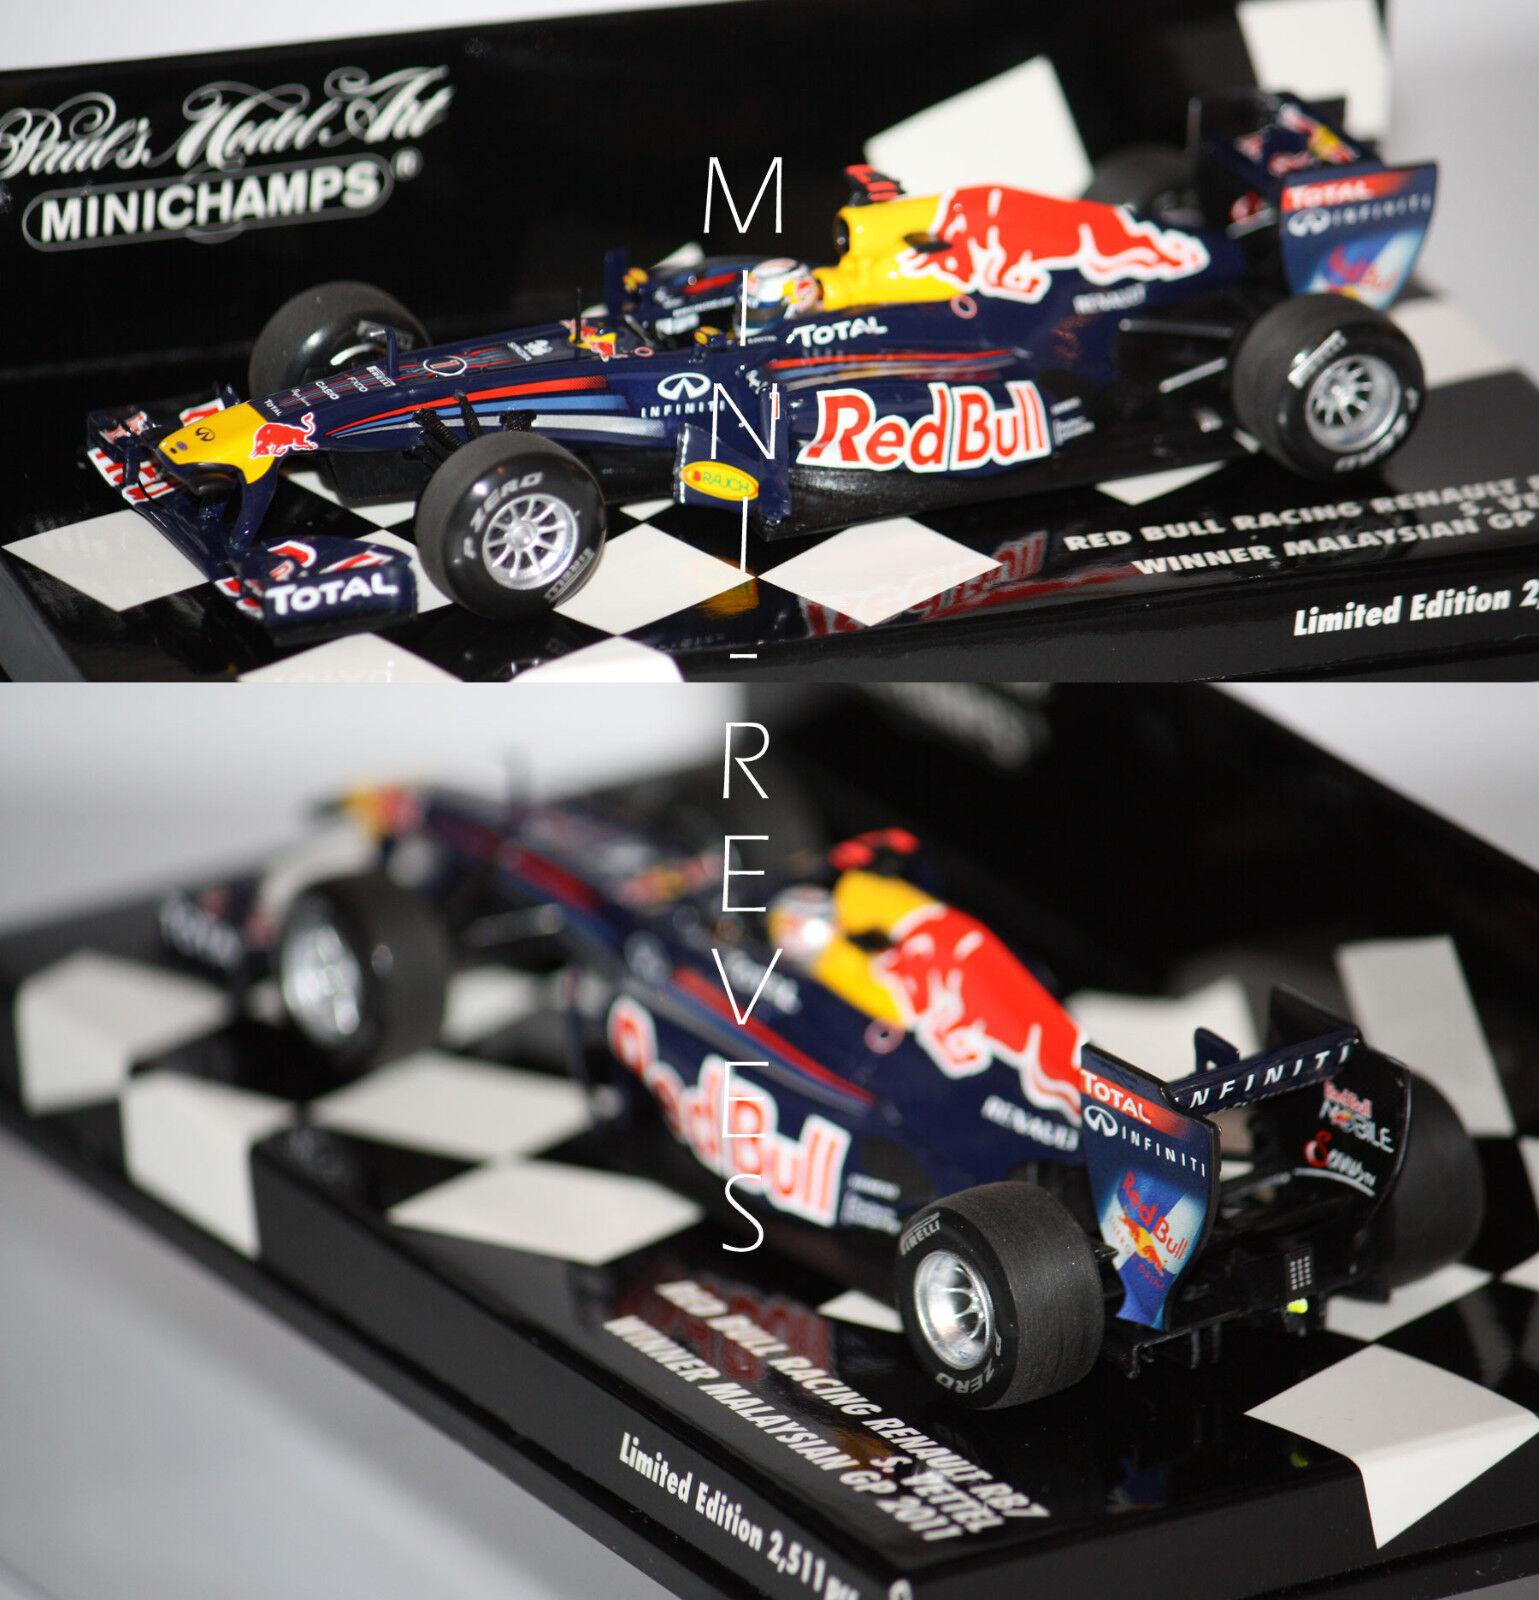 Minichamps F1 Red Bull Racing RB7 S. Vettel WC 2011 1/43 410110101